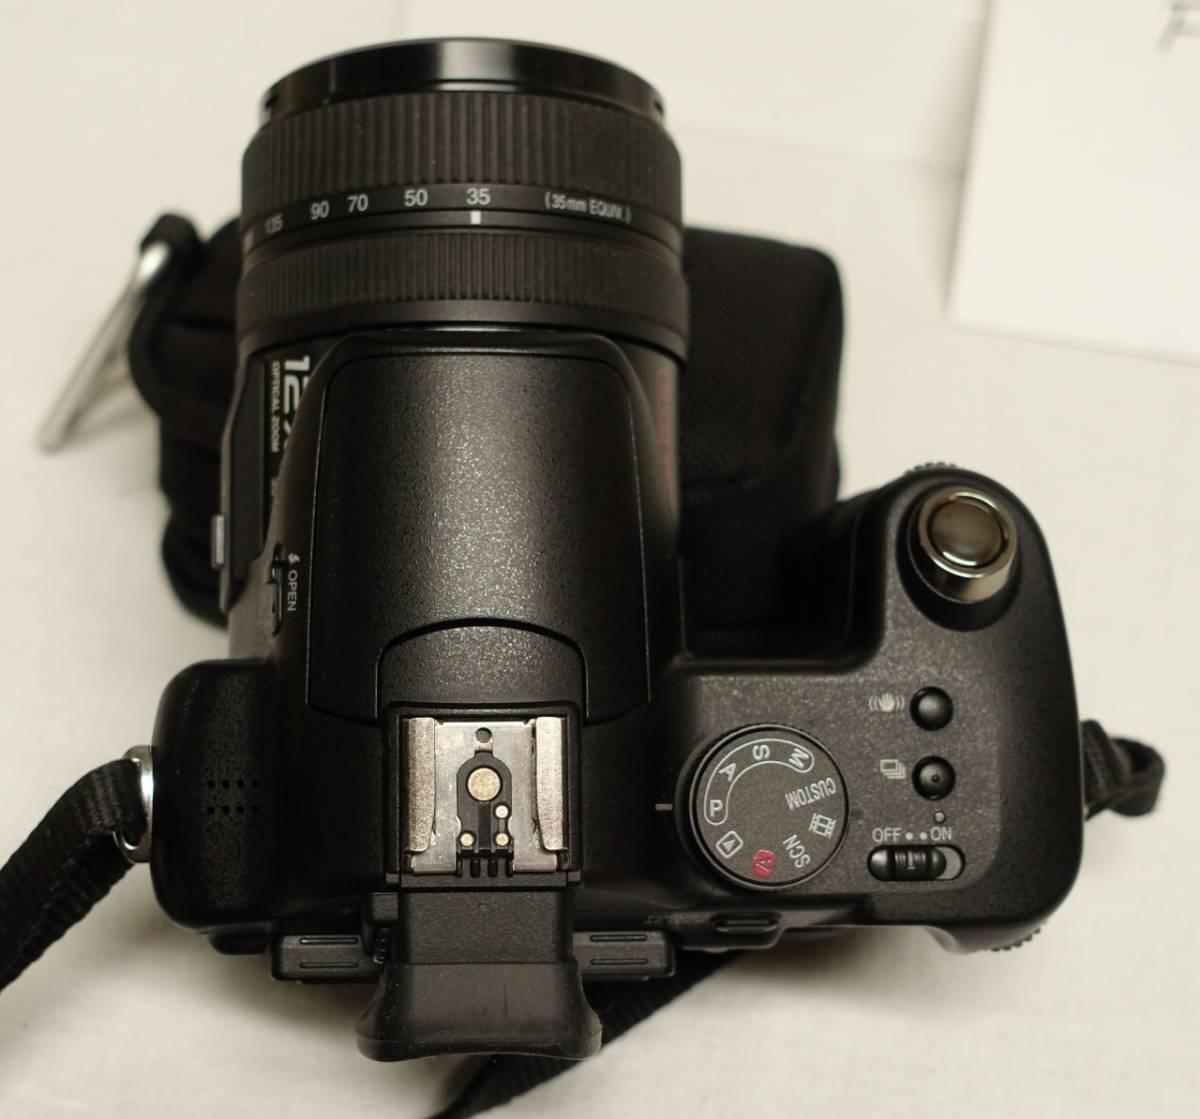 パナソニック デジタルカメラ LUMIX FZ50 美品 完動品 動作保証 動作不良は返品可 惚れ込む性能 (検 sony RX100 HX100vと似た機能_画像8